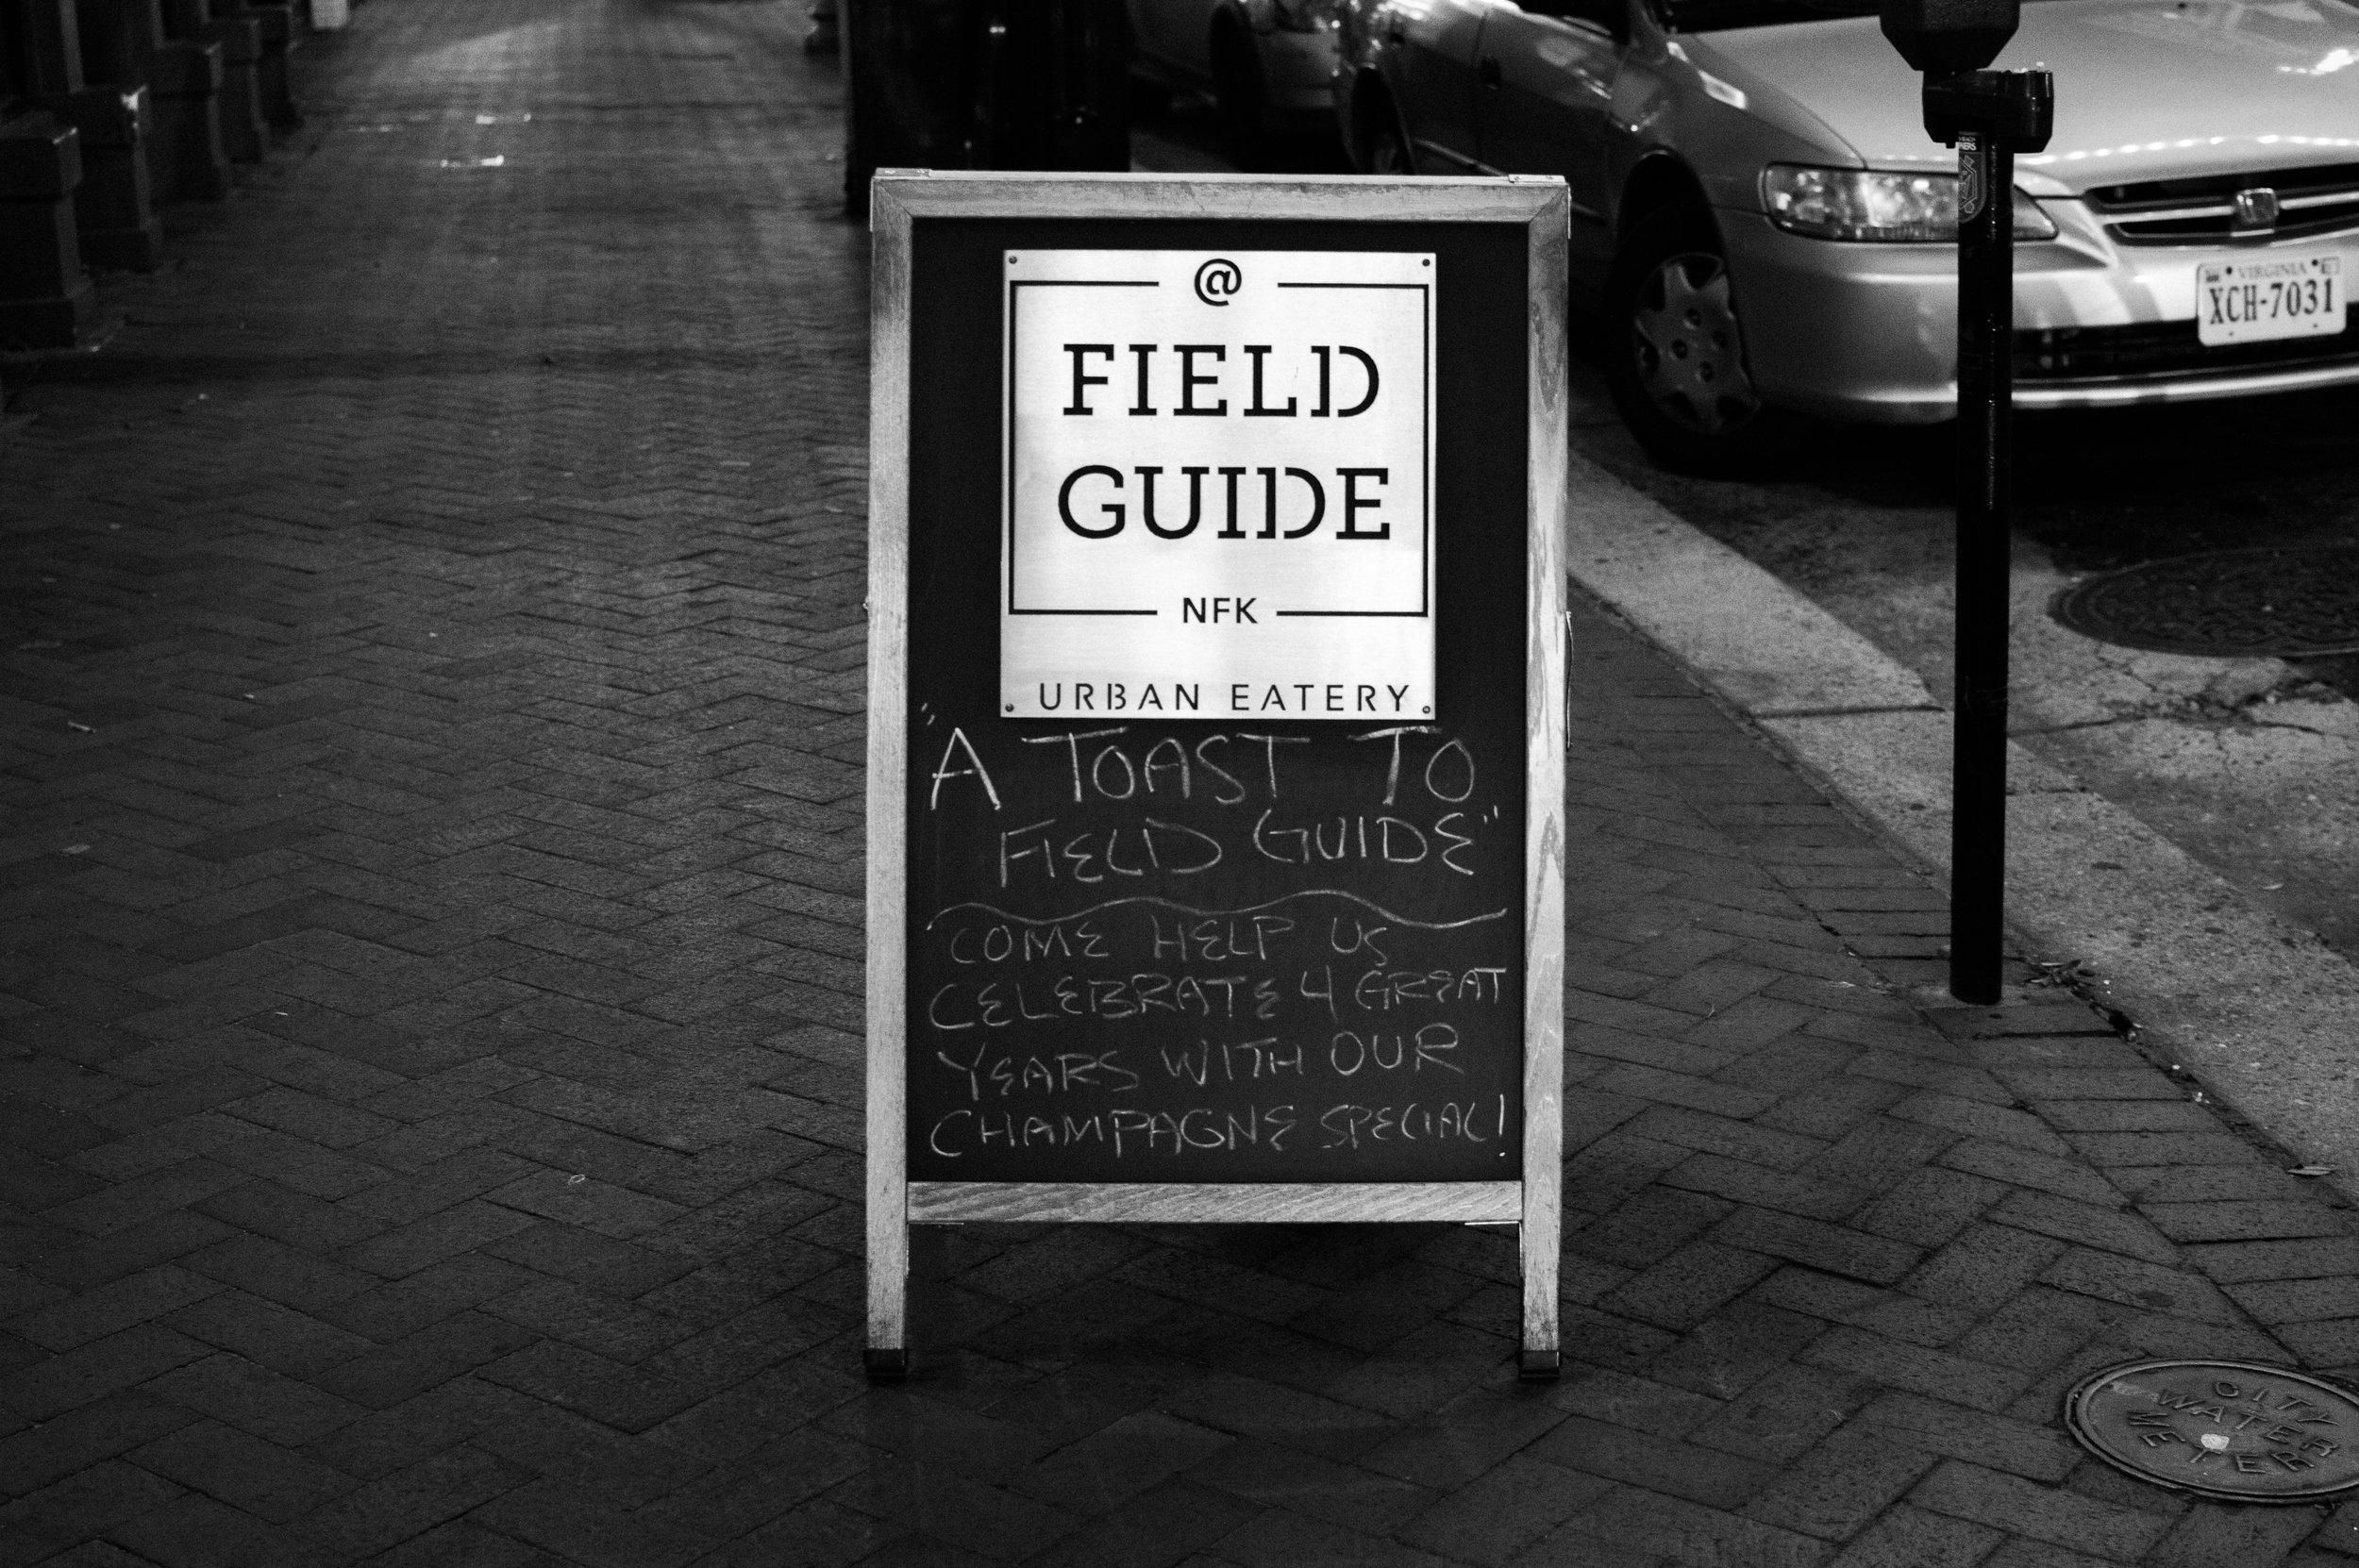 R.I.P Field Guide